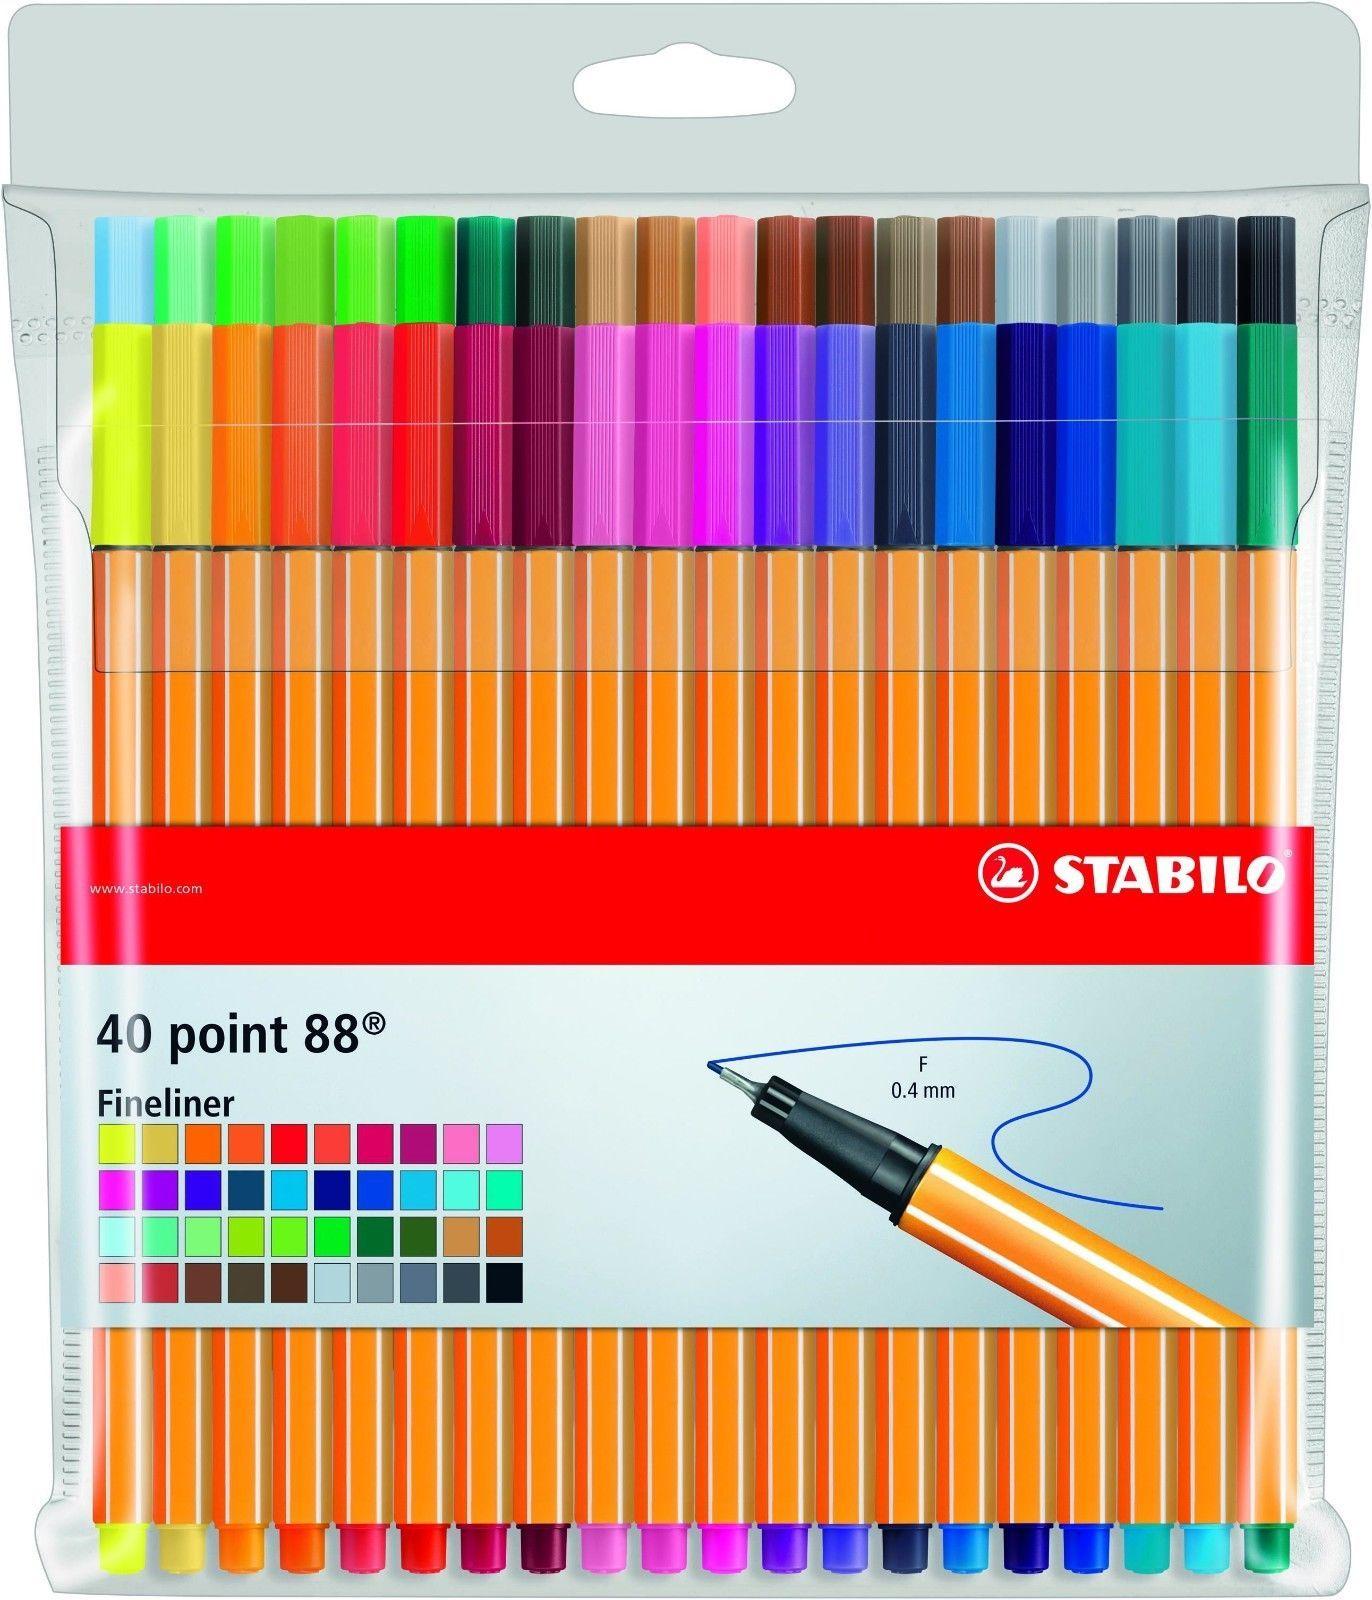 Stabilo Point 88 Mini Fineliner Drawing Art Pens wallet of 18 Neon Ass